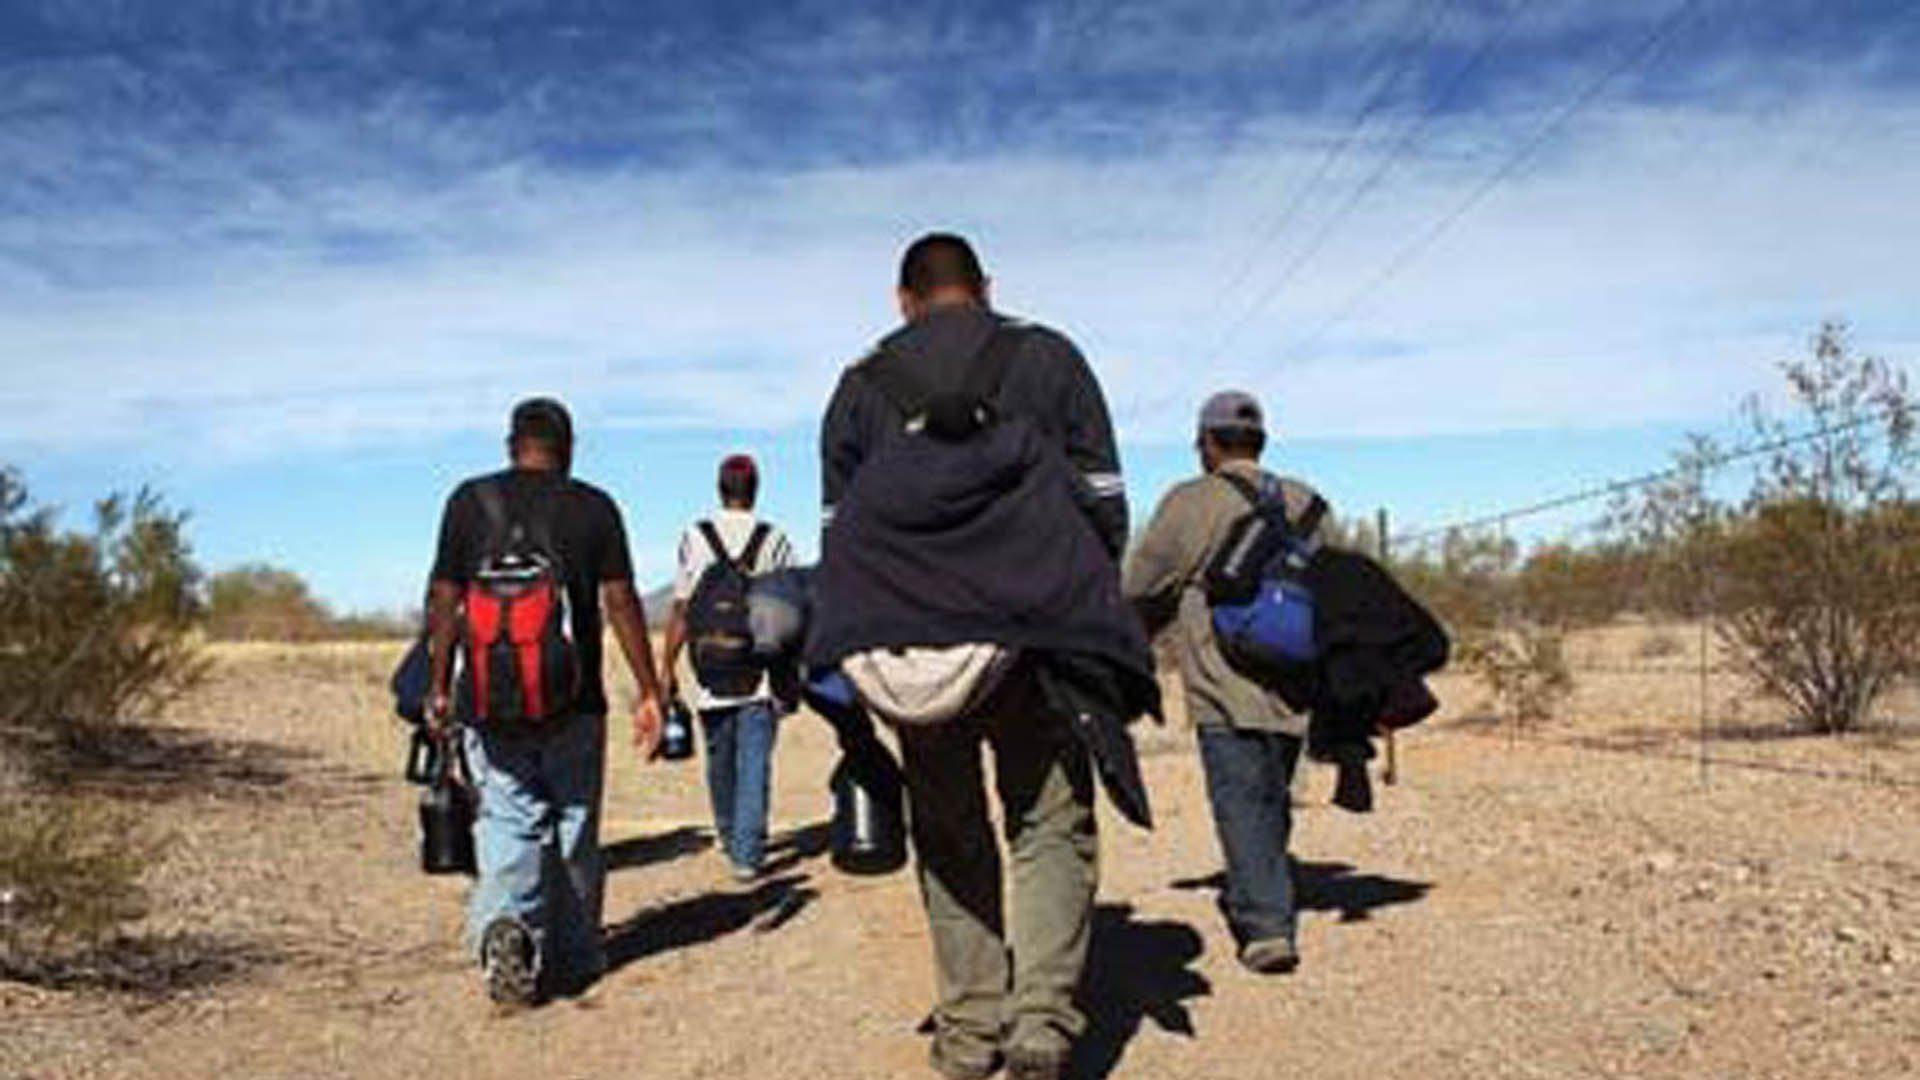 Denuncian violaciones a DH de migrantes en centros de detención